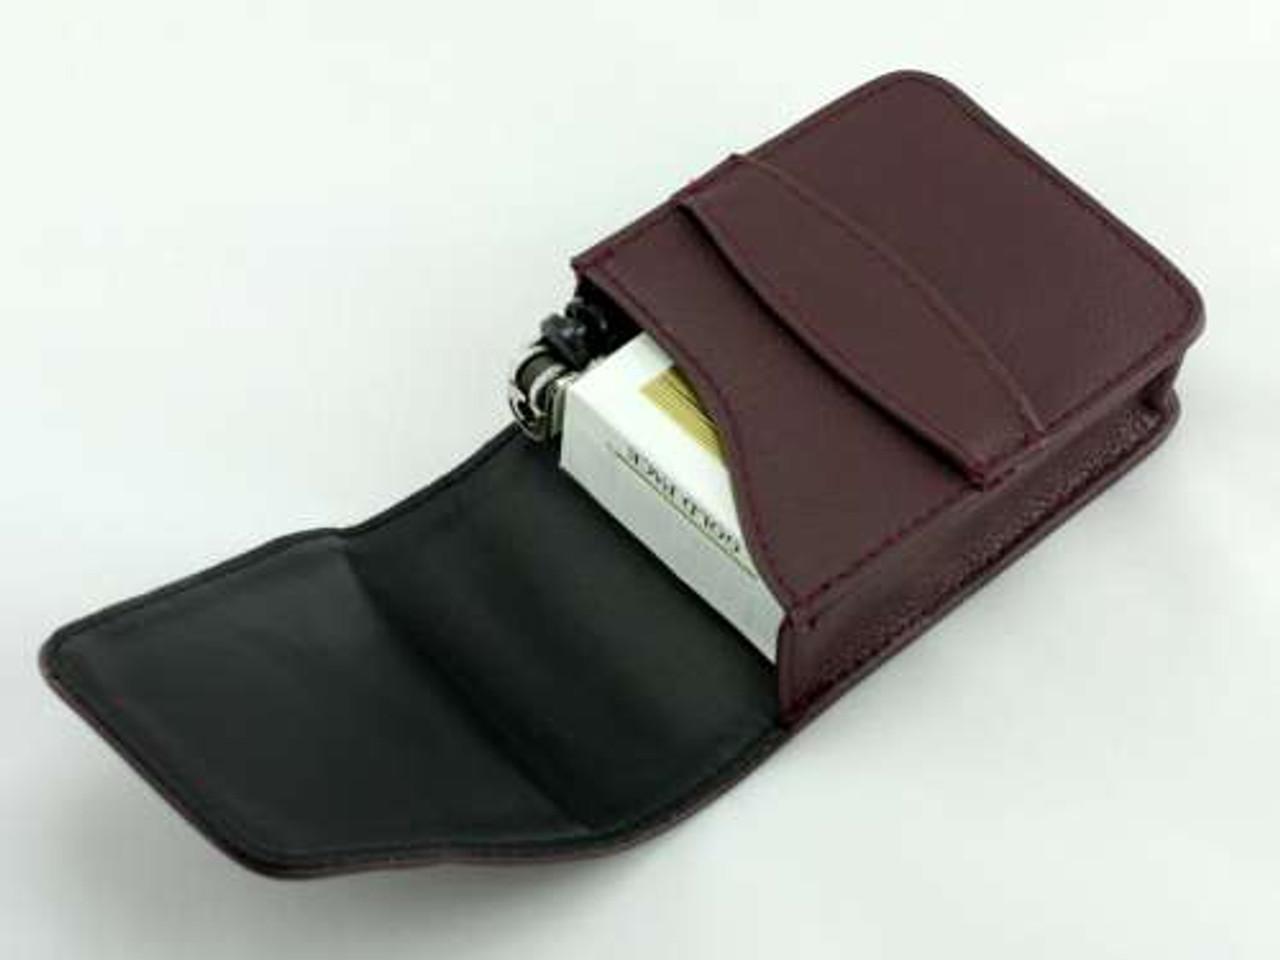 Burgundy Slip Leather Cigarette Pack Holder